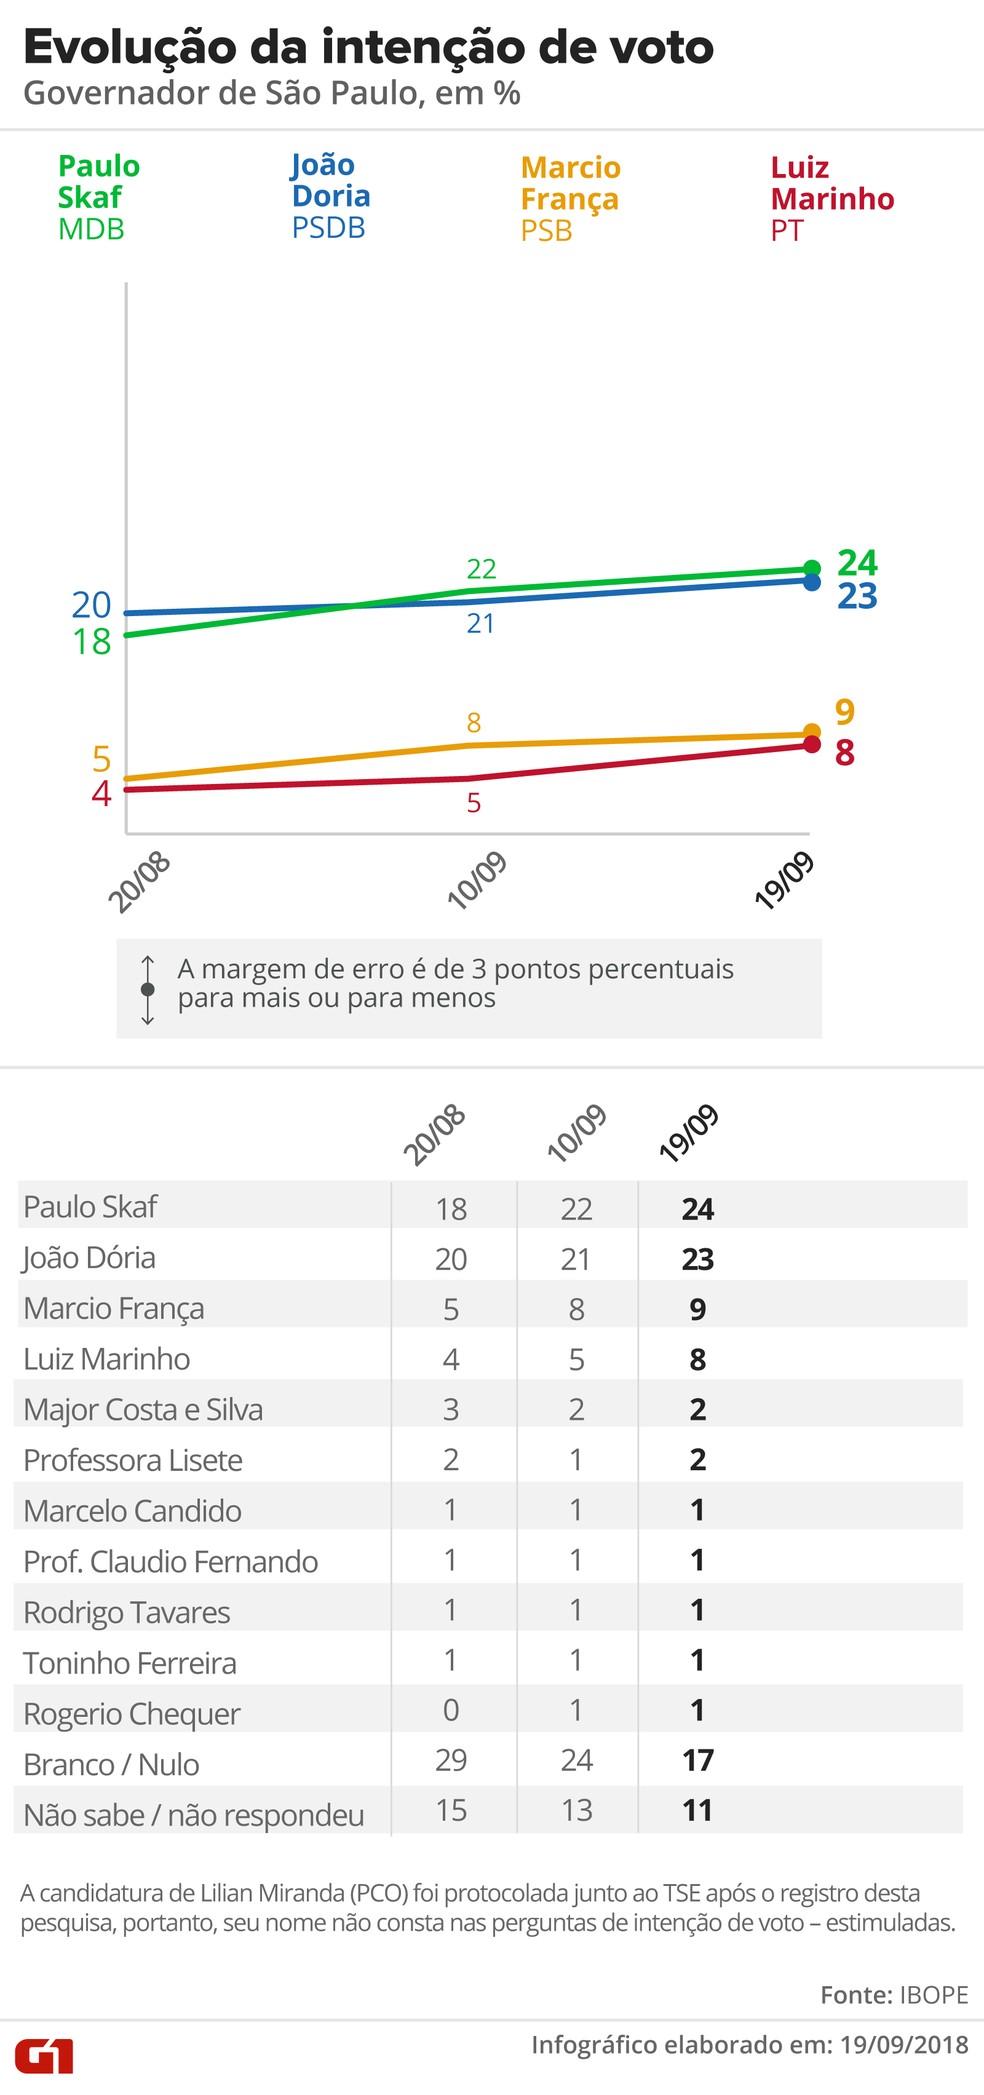 Ibope divulgou em 19 de setembro nova pesquisa de intenção de voto ao governo de São Paulo — Foto: Igor Estrella/G1